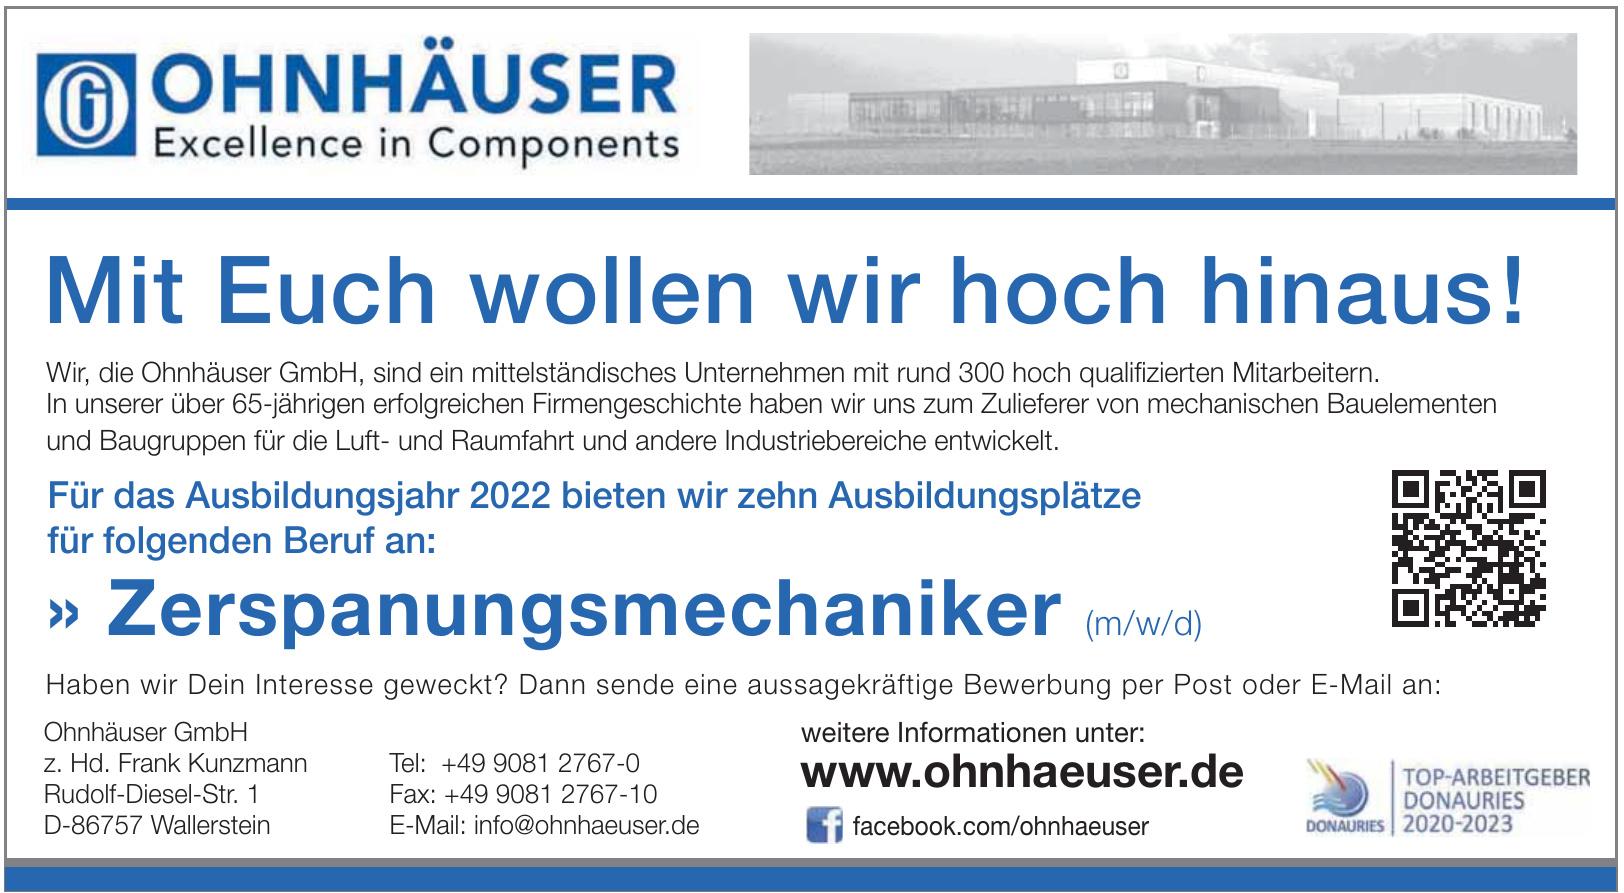 Ohnhäuser GmbH